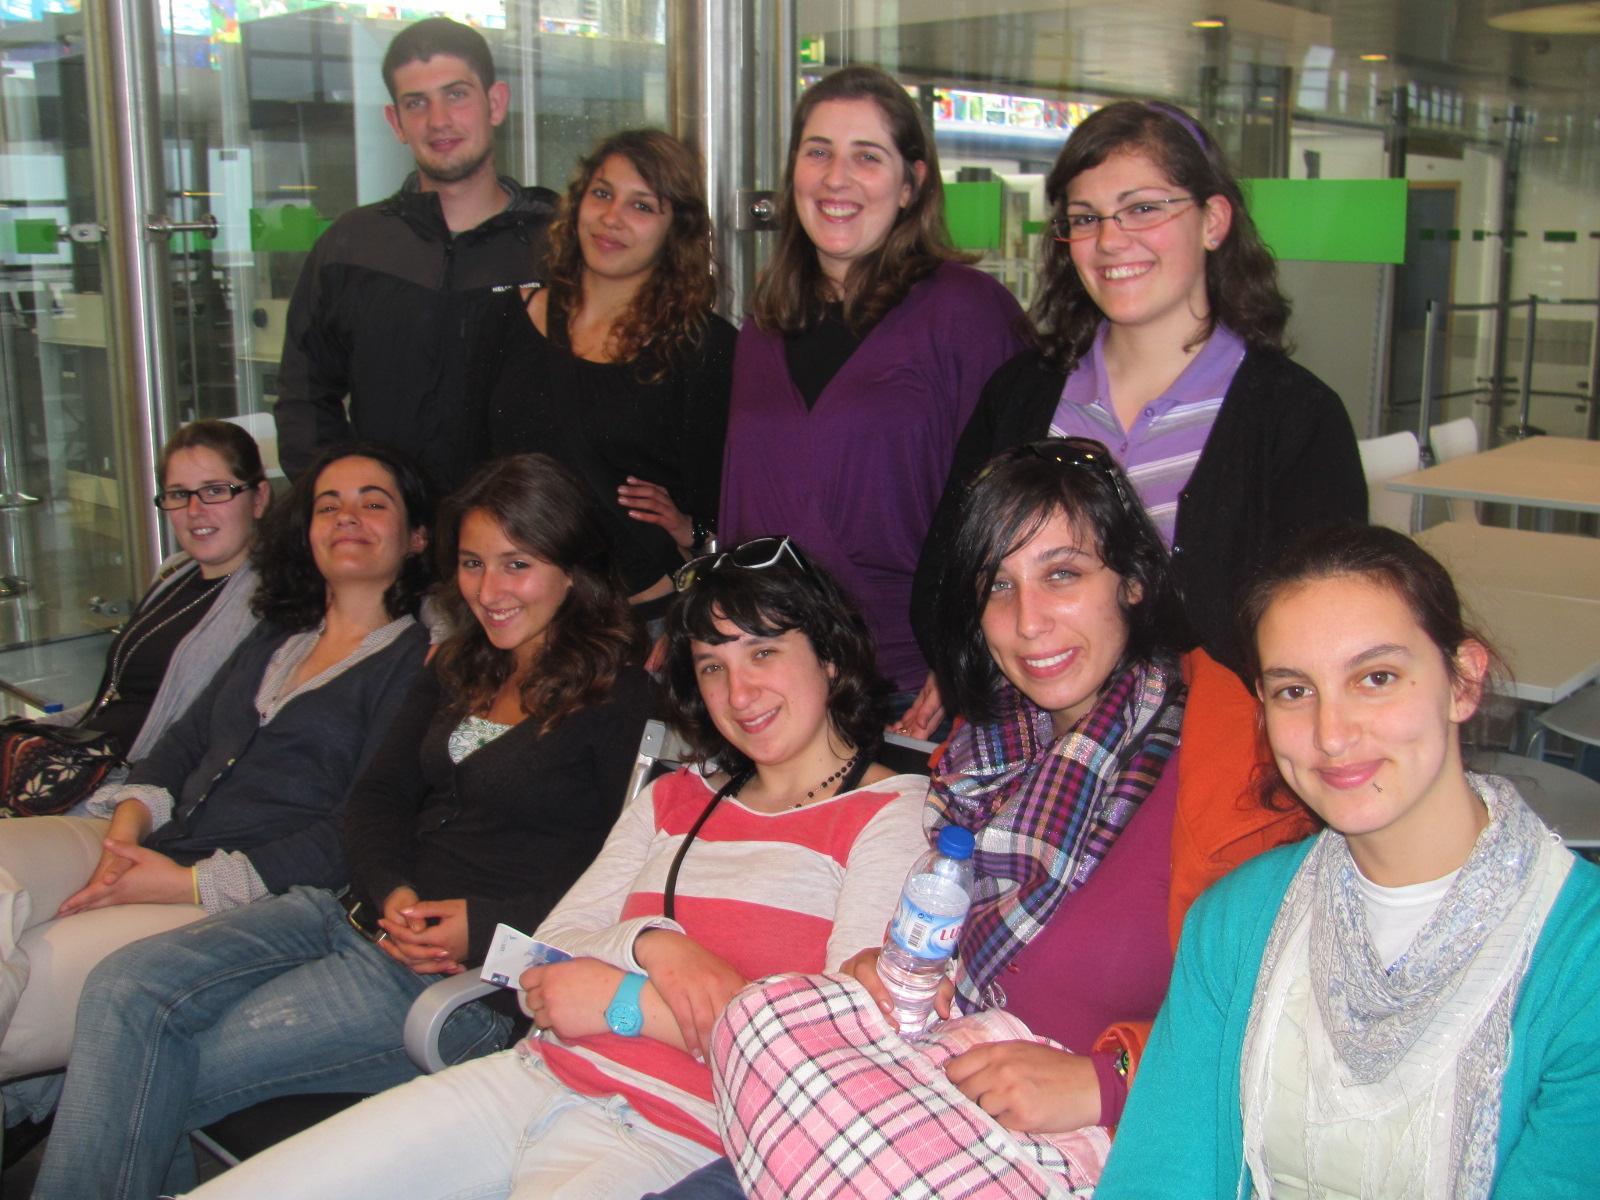 Formandos de Turismo à descoberta da Lisboa novecentista!